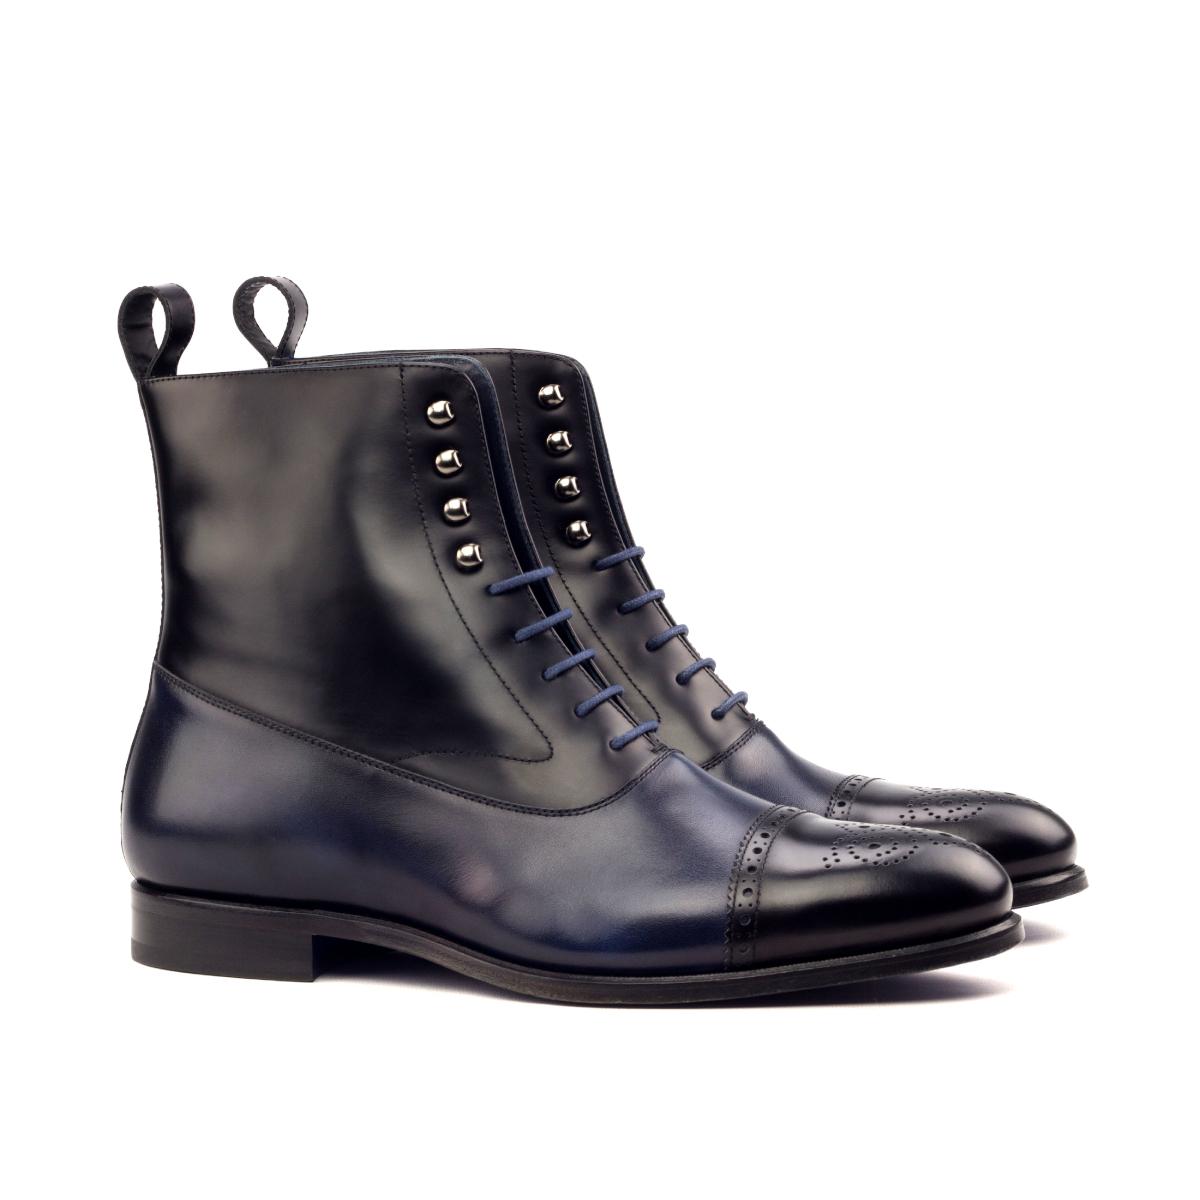 Blue and black box calf Balmoral boot